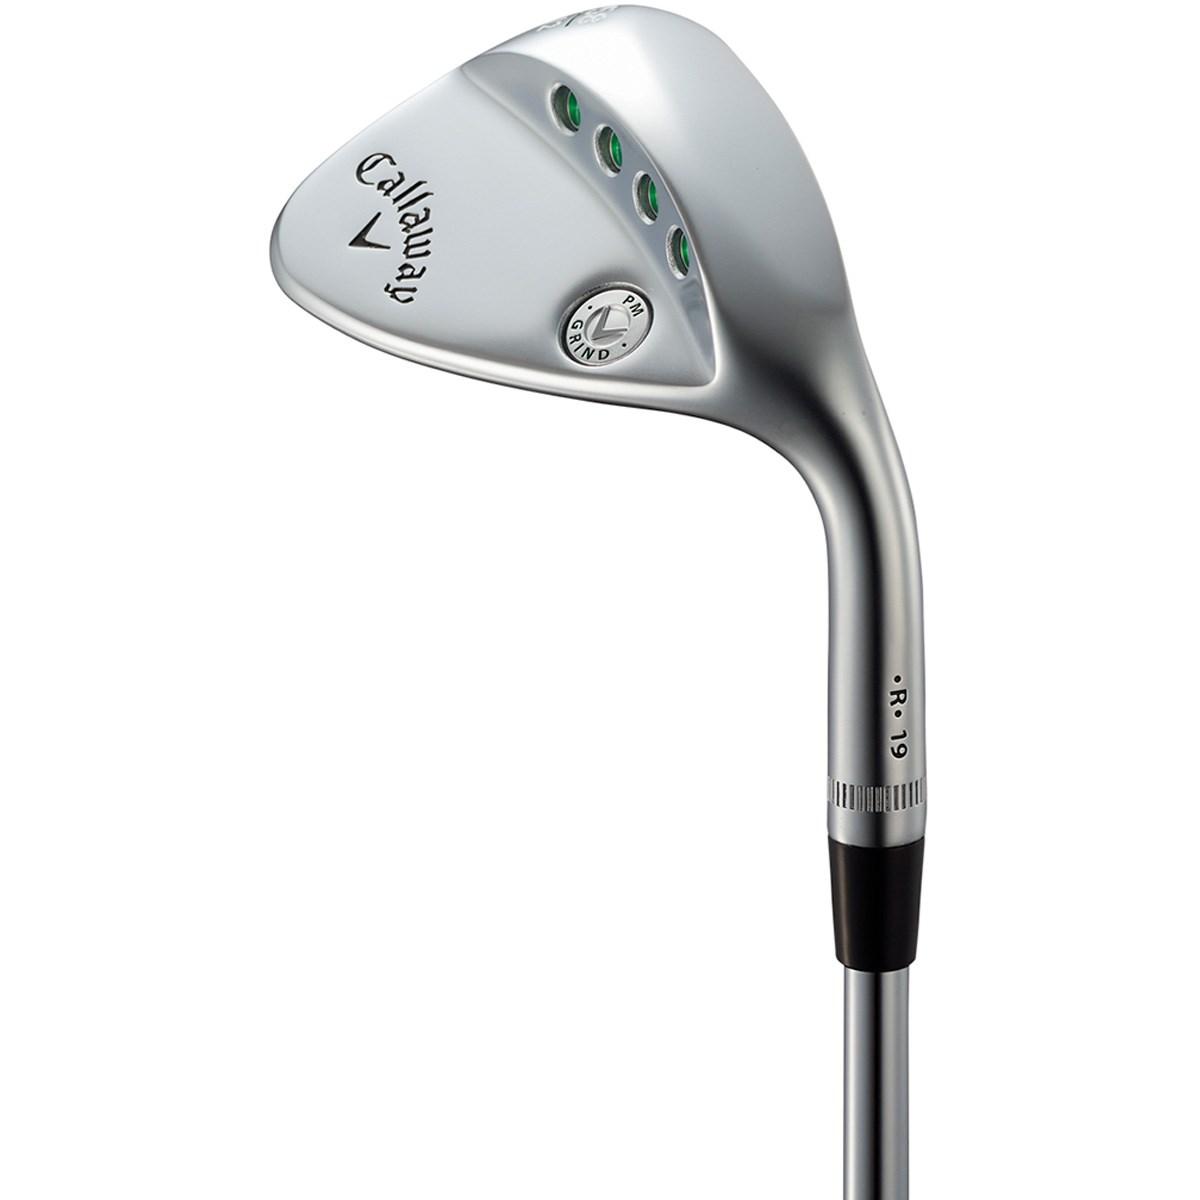 キャロウェイゴルフ(Callaway Golf) PM GRIND ウェッジ KBS HI-REV 2.0 115